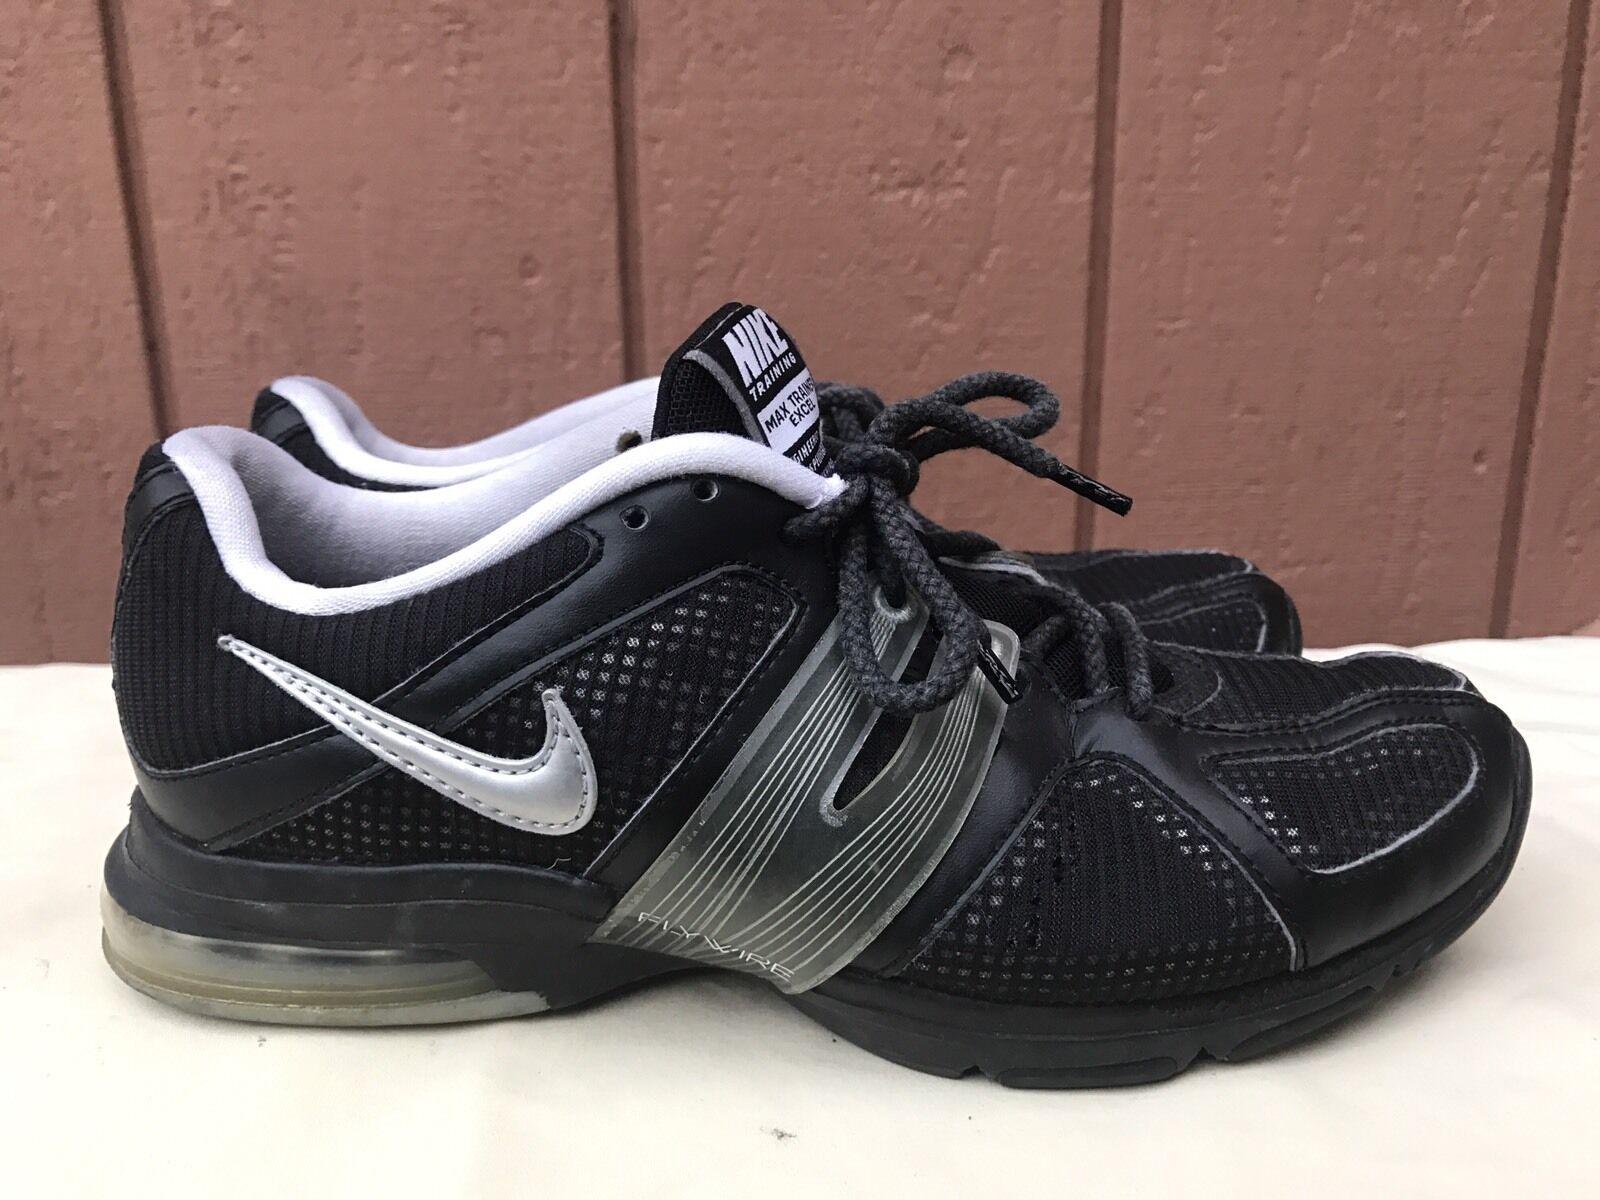 Nike air max, allenatore di 429663-010 excel scarpe femminili ci sz 6,5 nero | Tocco confortevole  | Sig/Sig Ra Scarpa